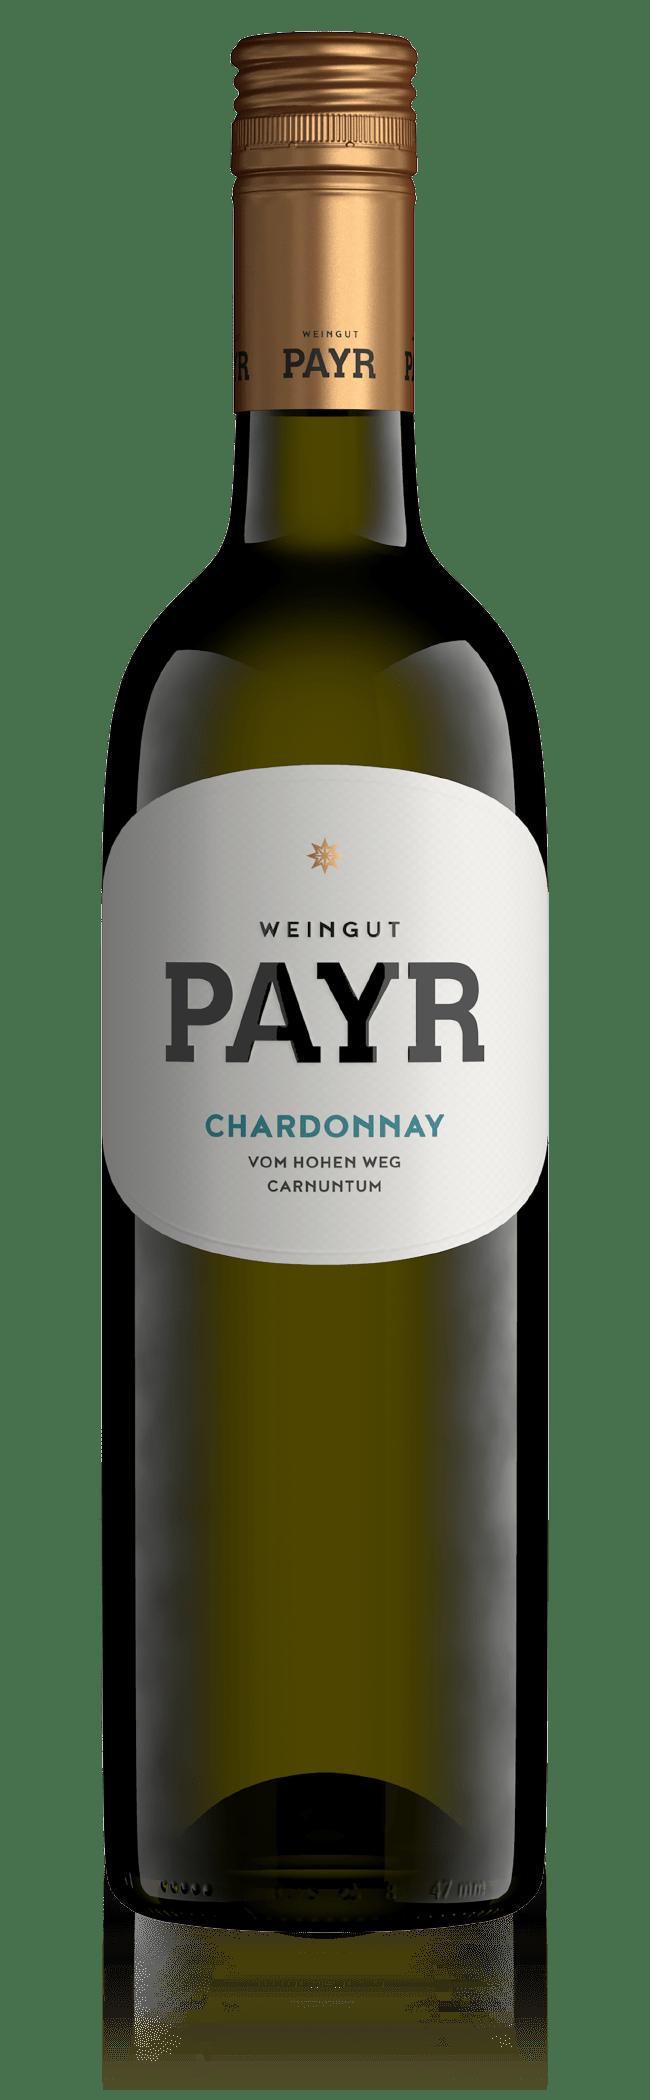 Weinflasche Chardonnay